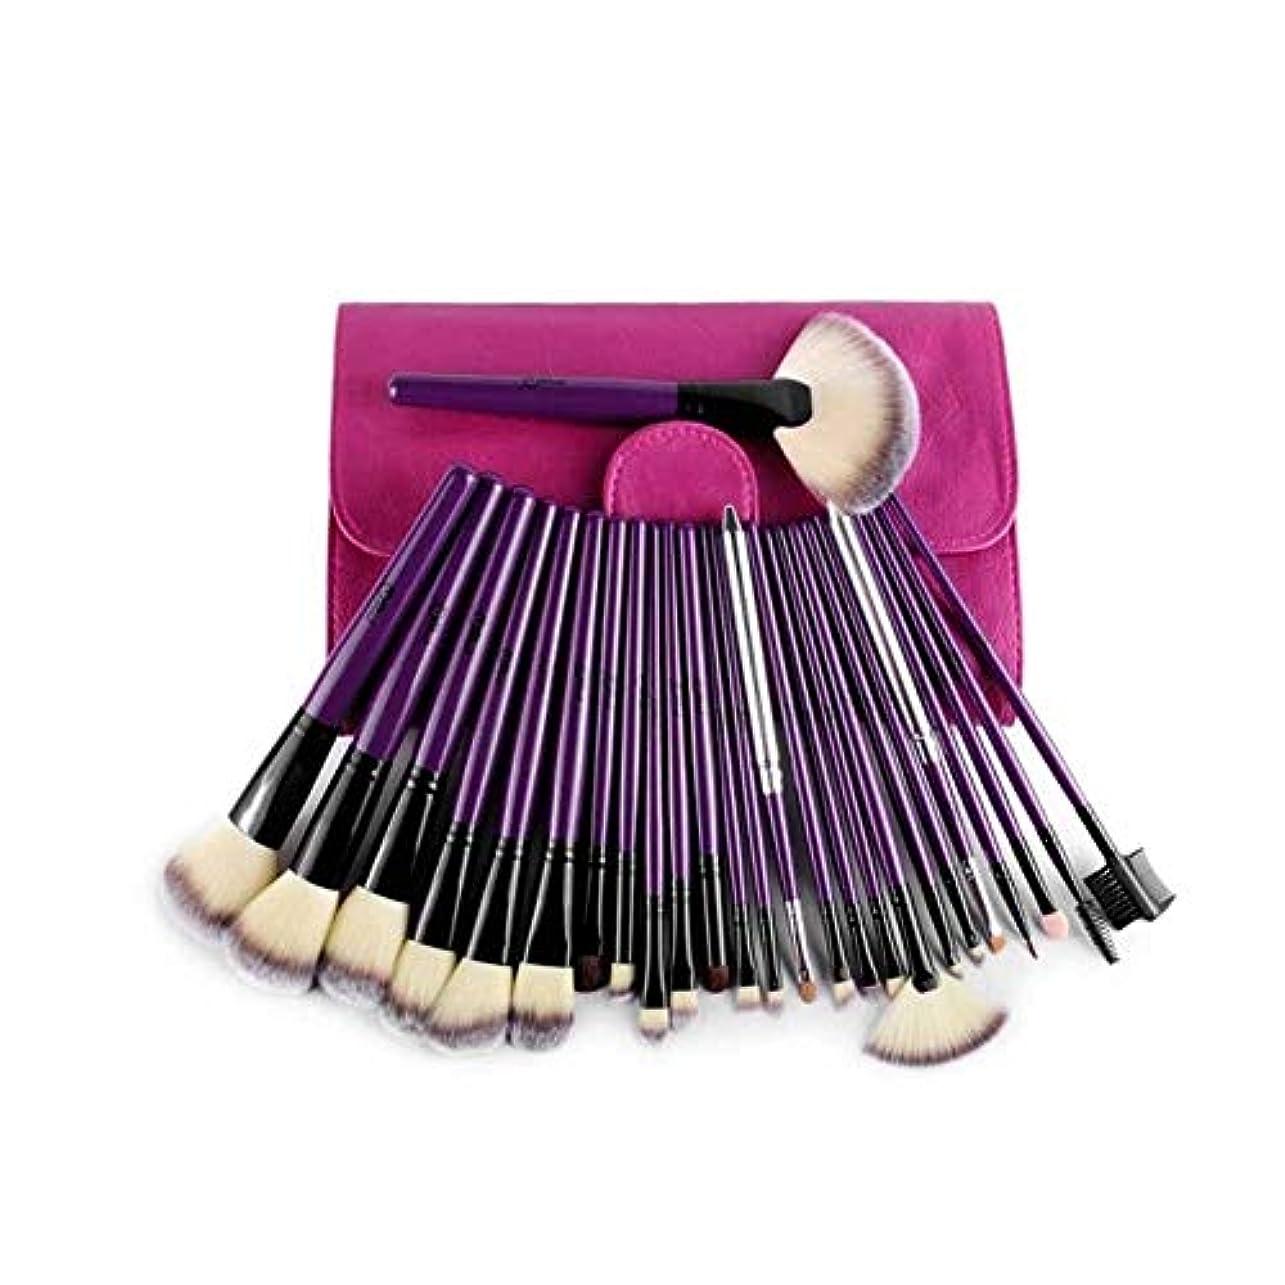 名義でスキニー法医学TUOFL メイクブラシ、24紫のプロフェッショナルメイクブラシセット、ブラシを設定メイクアップツールの専門フルセット、簡単に運ぶために (Color : Purple)